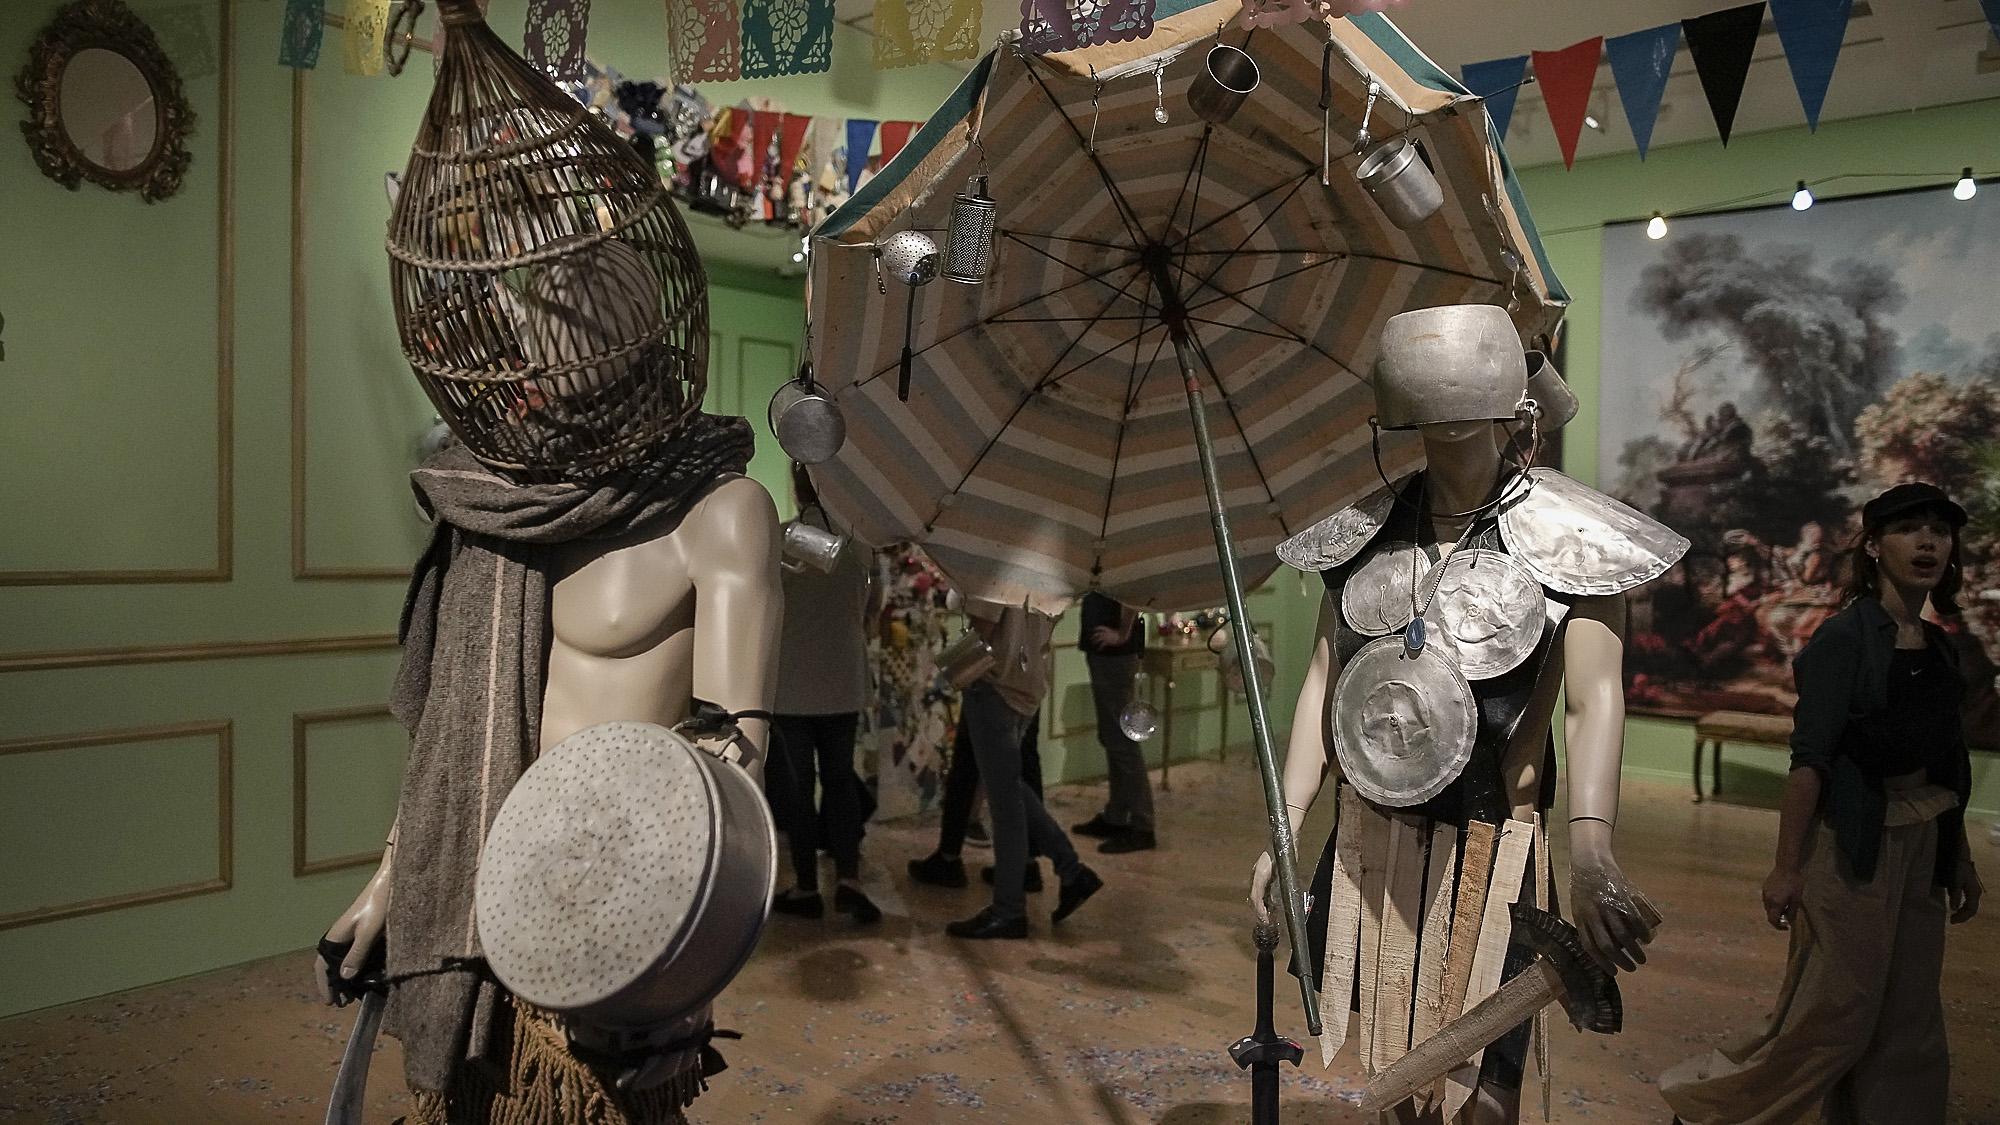 Sergio De Loof fue una figura central de la moda de autor, de principios los años noventa. Concibió sus desfiles como reuniones colaborativas y comunitarias, cercanas al teatro. Participaban sus amigos o conocidos, con cuerpos bien diferentes y lejanos de los de las supermodelos. Así, daba lugar en sus trabajos a las disidencias corporales y sexuales